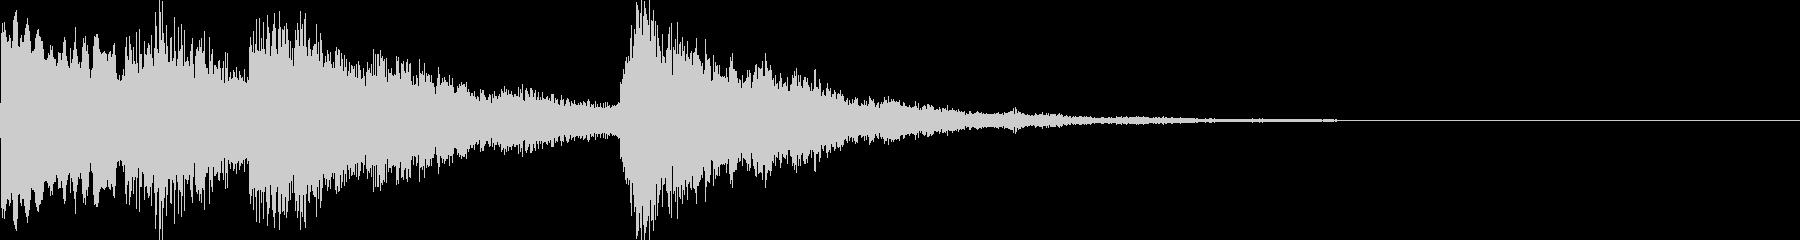 【和風シンセ音】のサウンドロゴですの未再生の波形